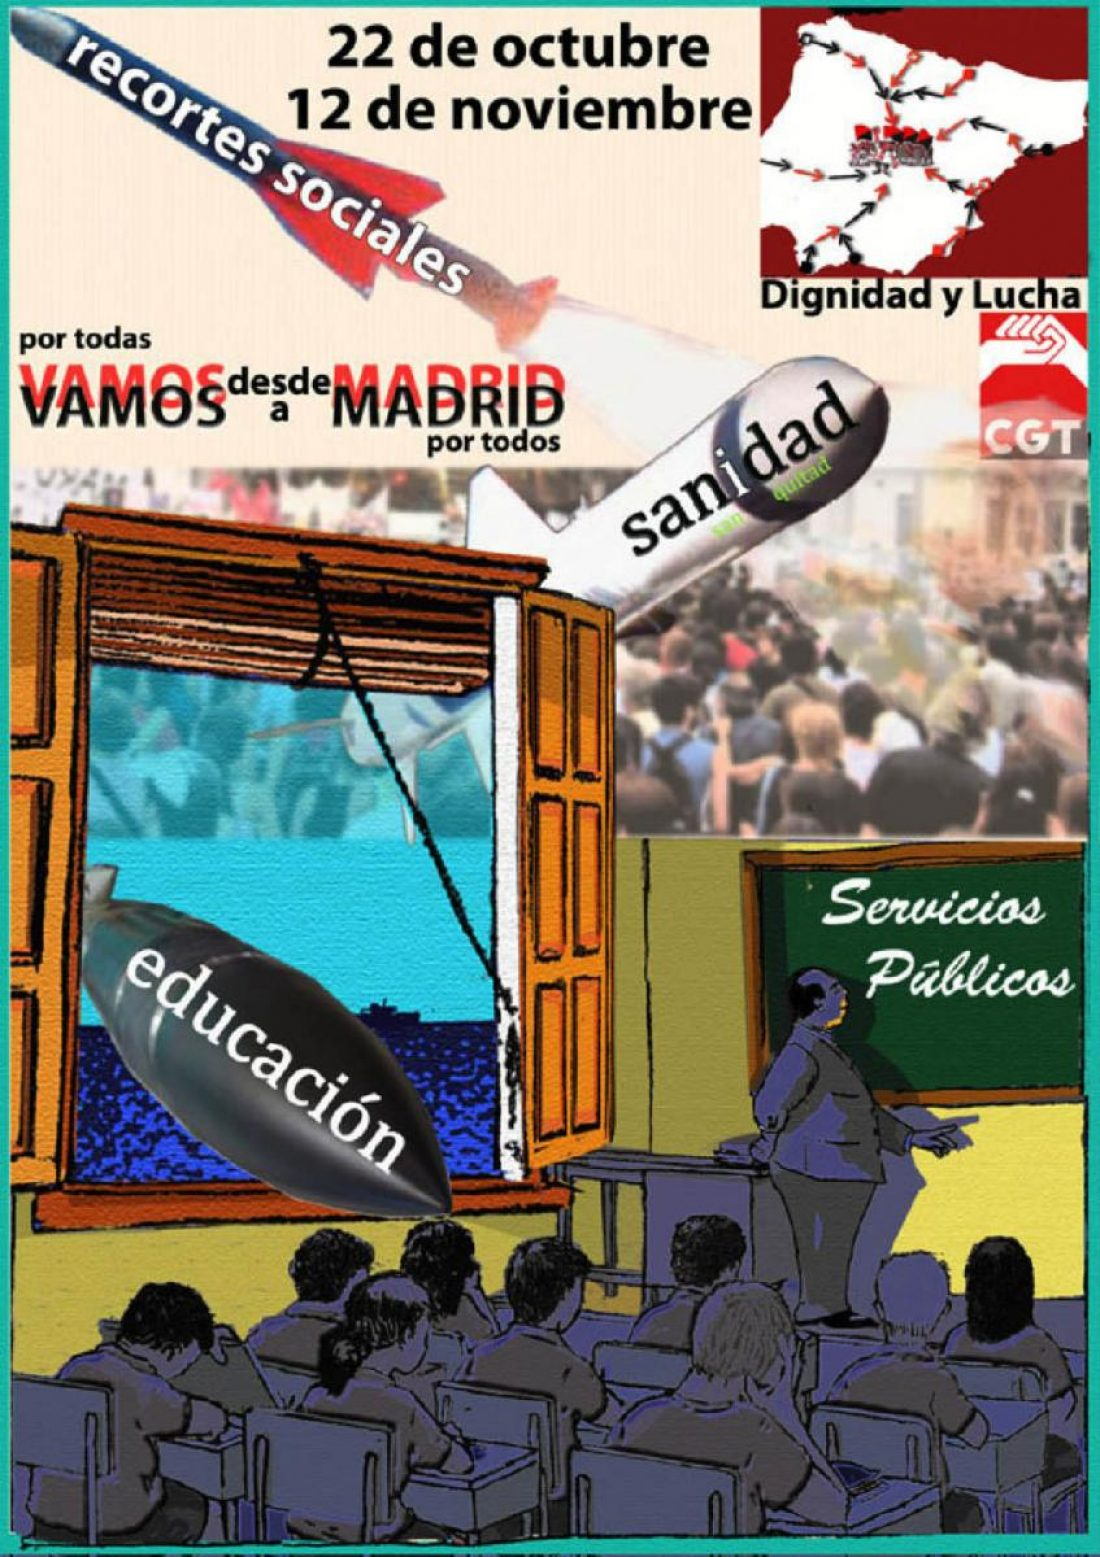 El 22 de Octubre, todxs a Madrid: No a los recortes en Educación